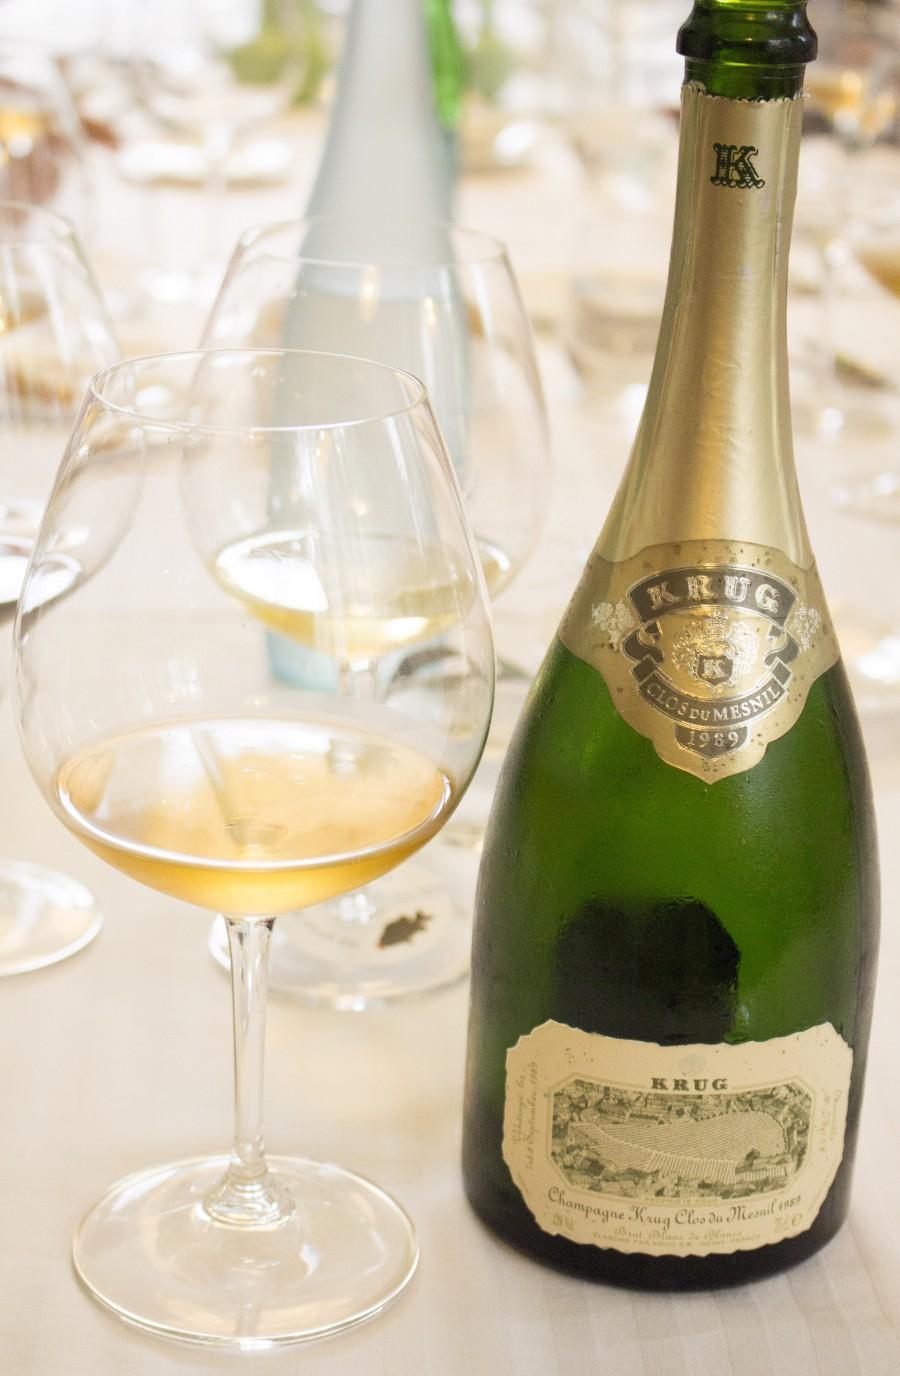 Clos wijngaarden in Champagne